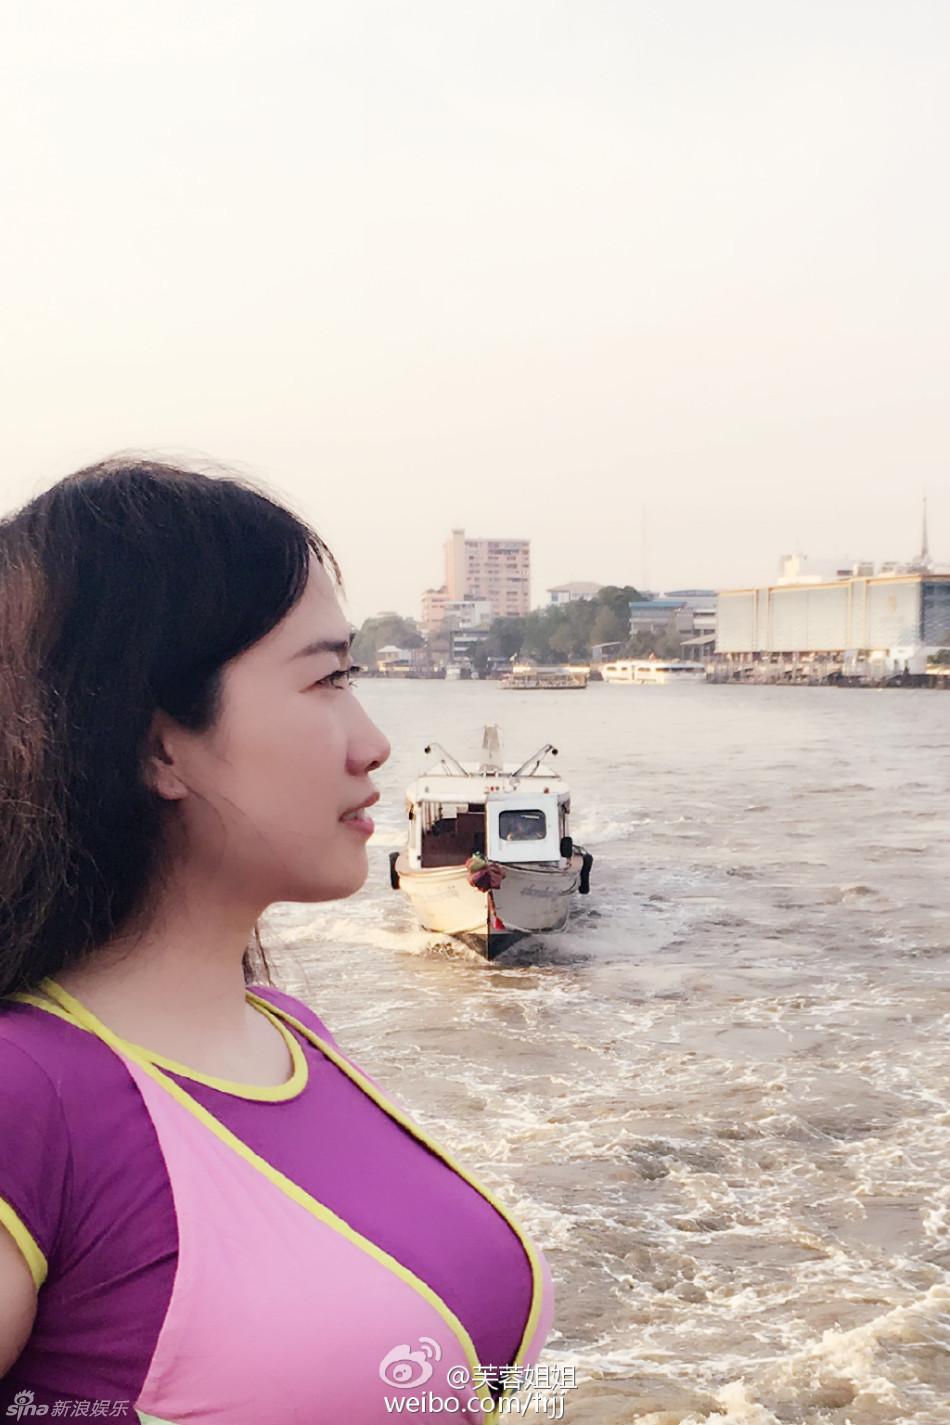 芙蓉姐姐晒曼谷旅游照 自嘲胖得旺夫 胸大惊人